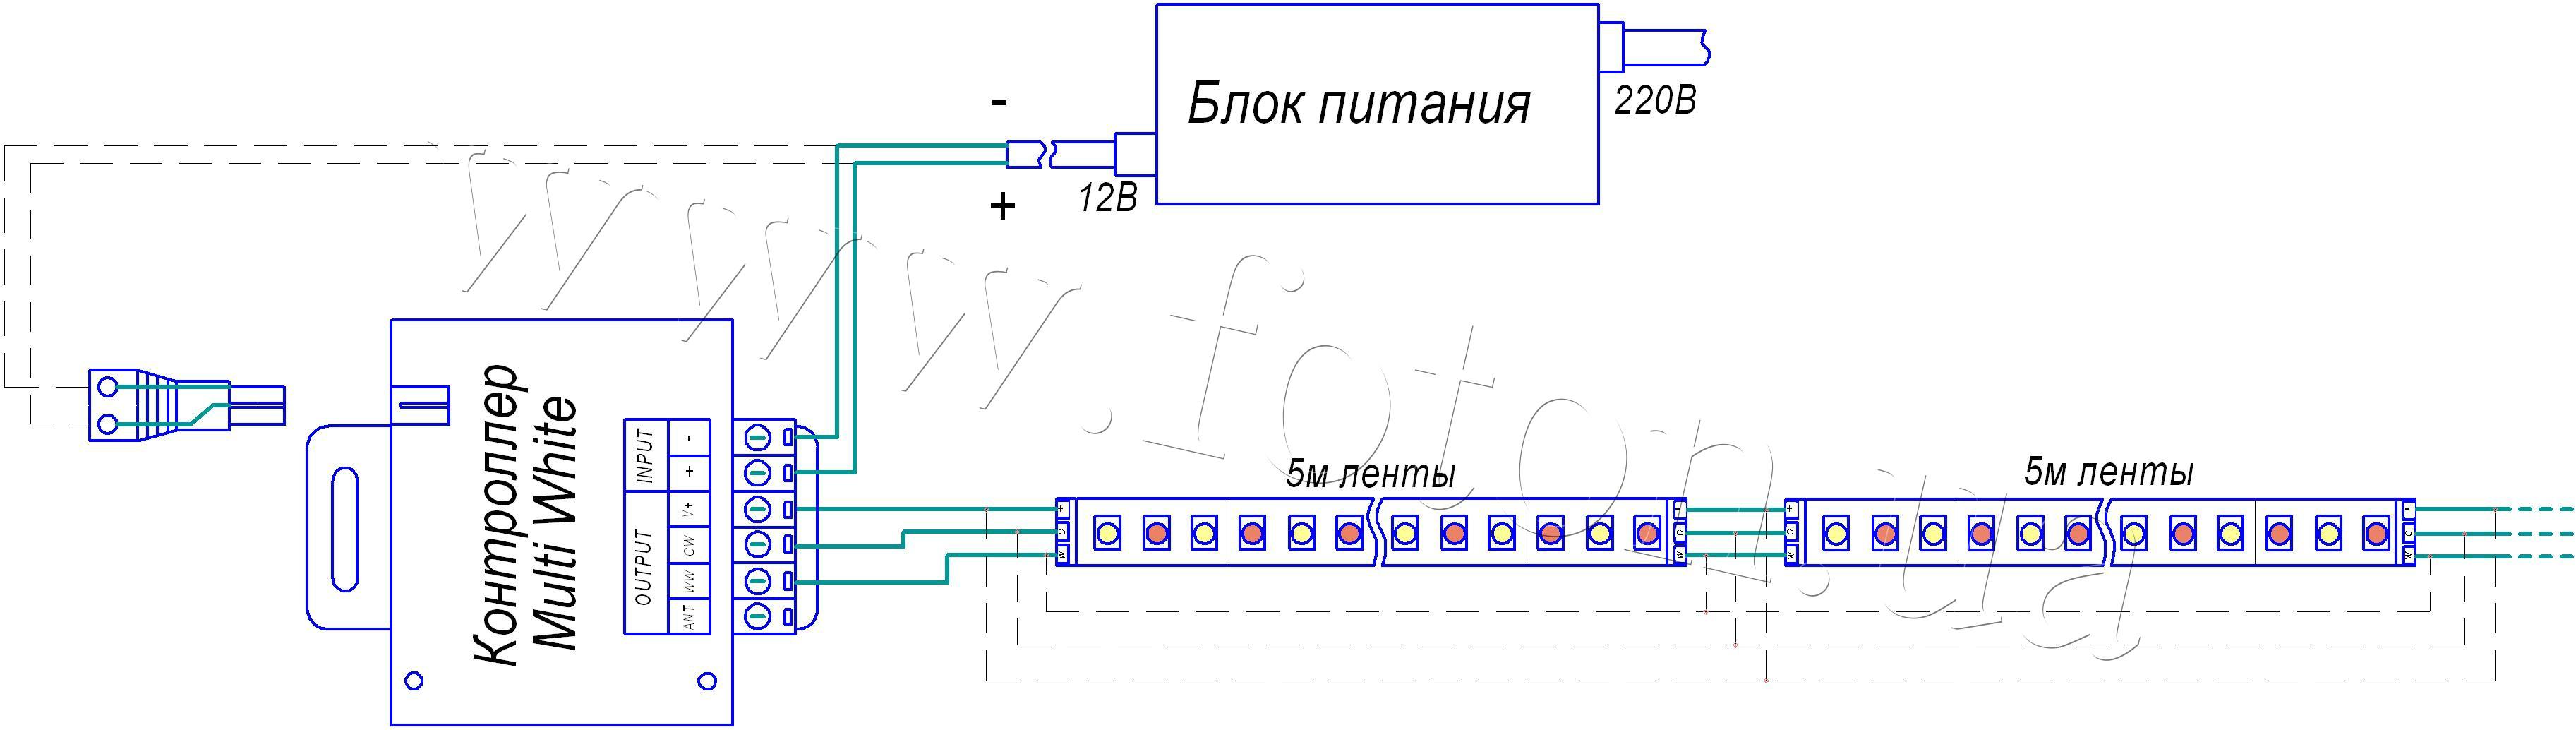 Схема включения светодиодной ленты от сети 220